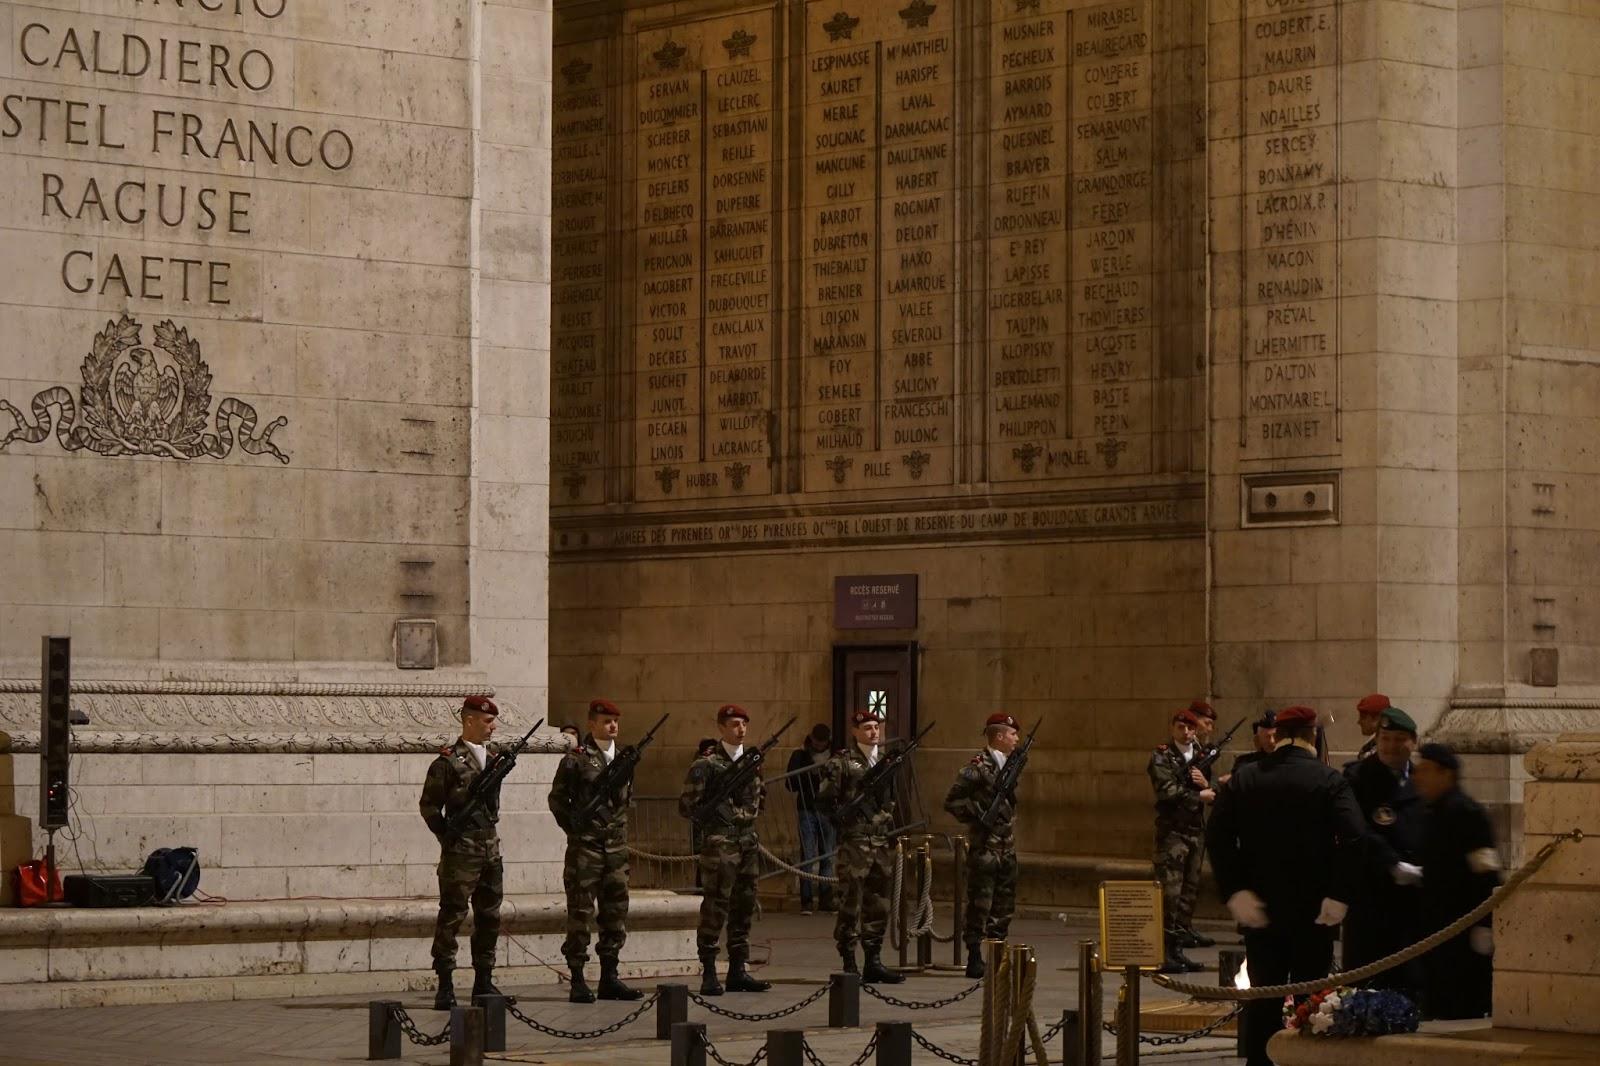 エトワールの凱旋門(Arc de triomphe de l'Étoile) 「追悼の炎」